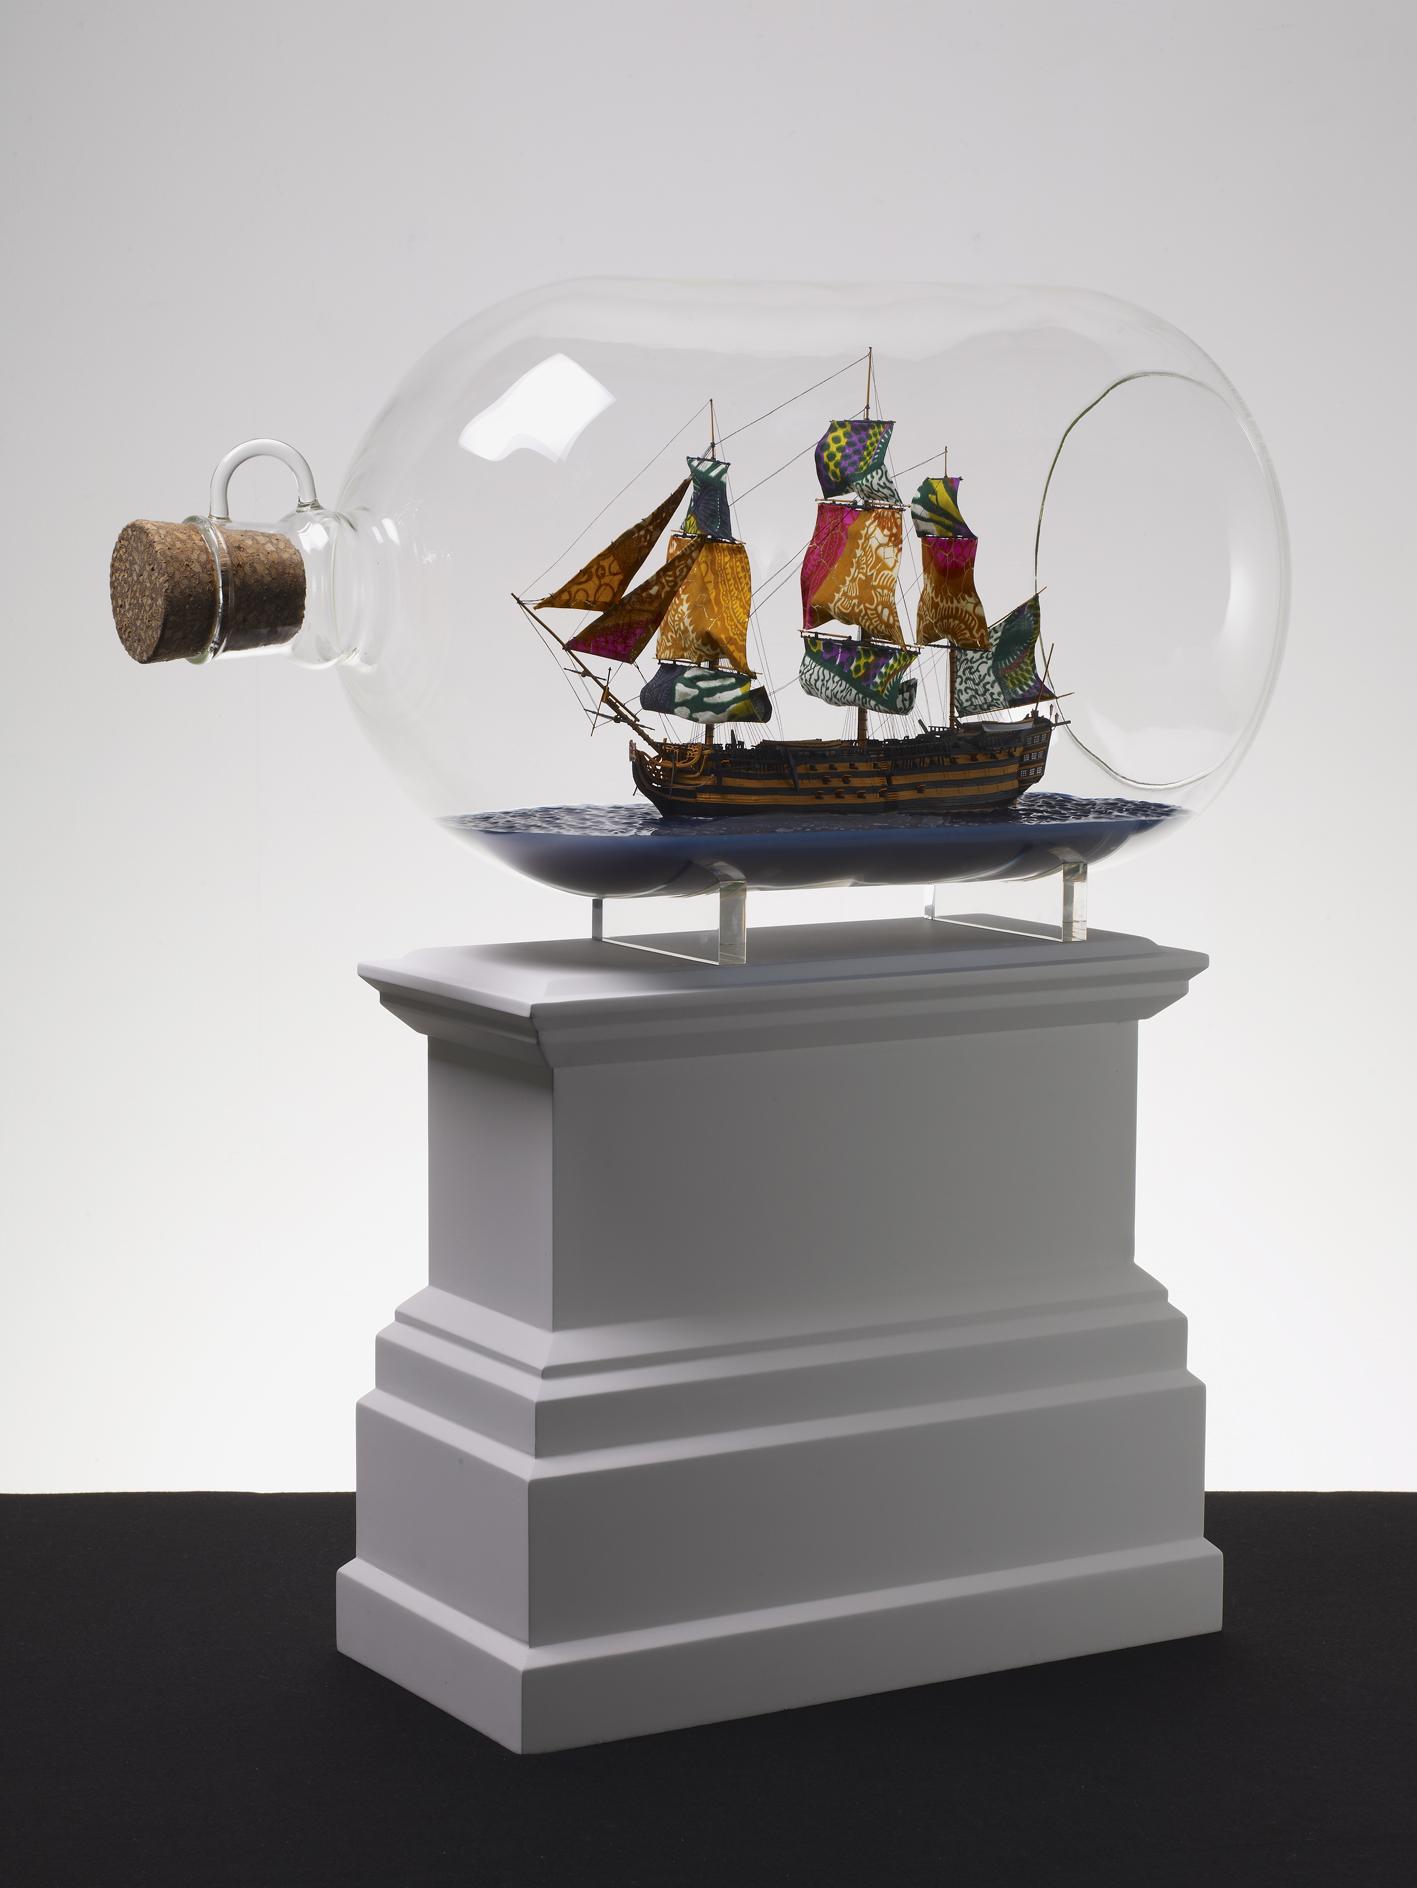 Nelson's Ship in a Bottle, 2009  Stephen Friedman Gallery, London © Yinka Shonibare CBE, Courtesy der Künstler, Stephen Friedman Gallery, London und James Cohan Gallery, New York